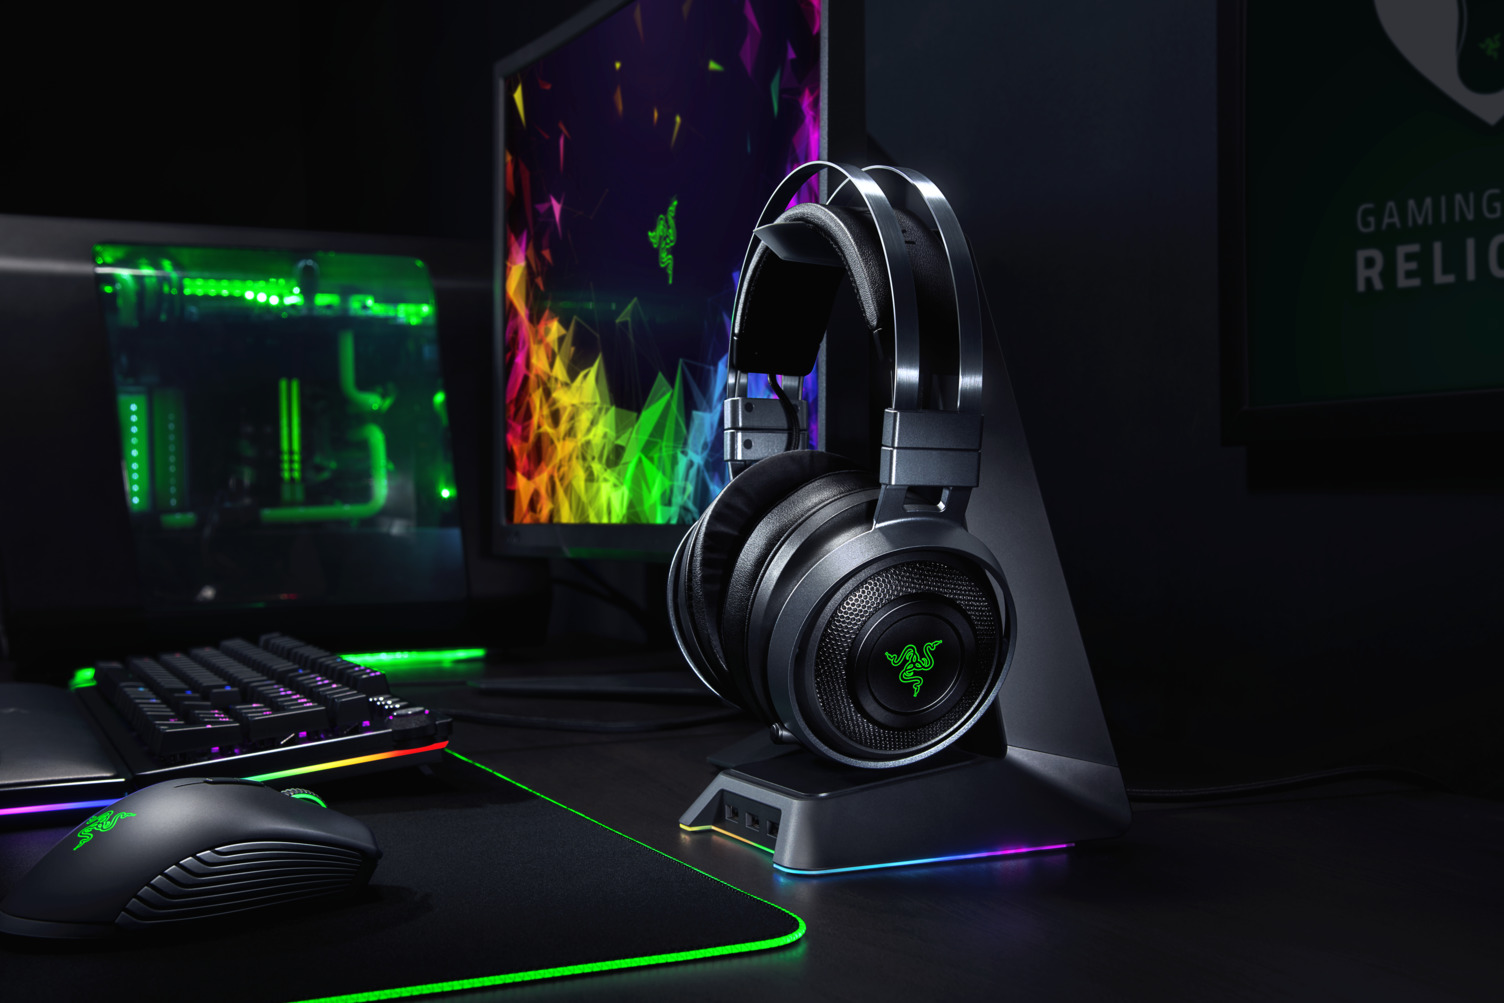 Foto de Razer anuncia Nari Ultimate, headset wireless com tecnologia háptica hipersensitiva